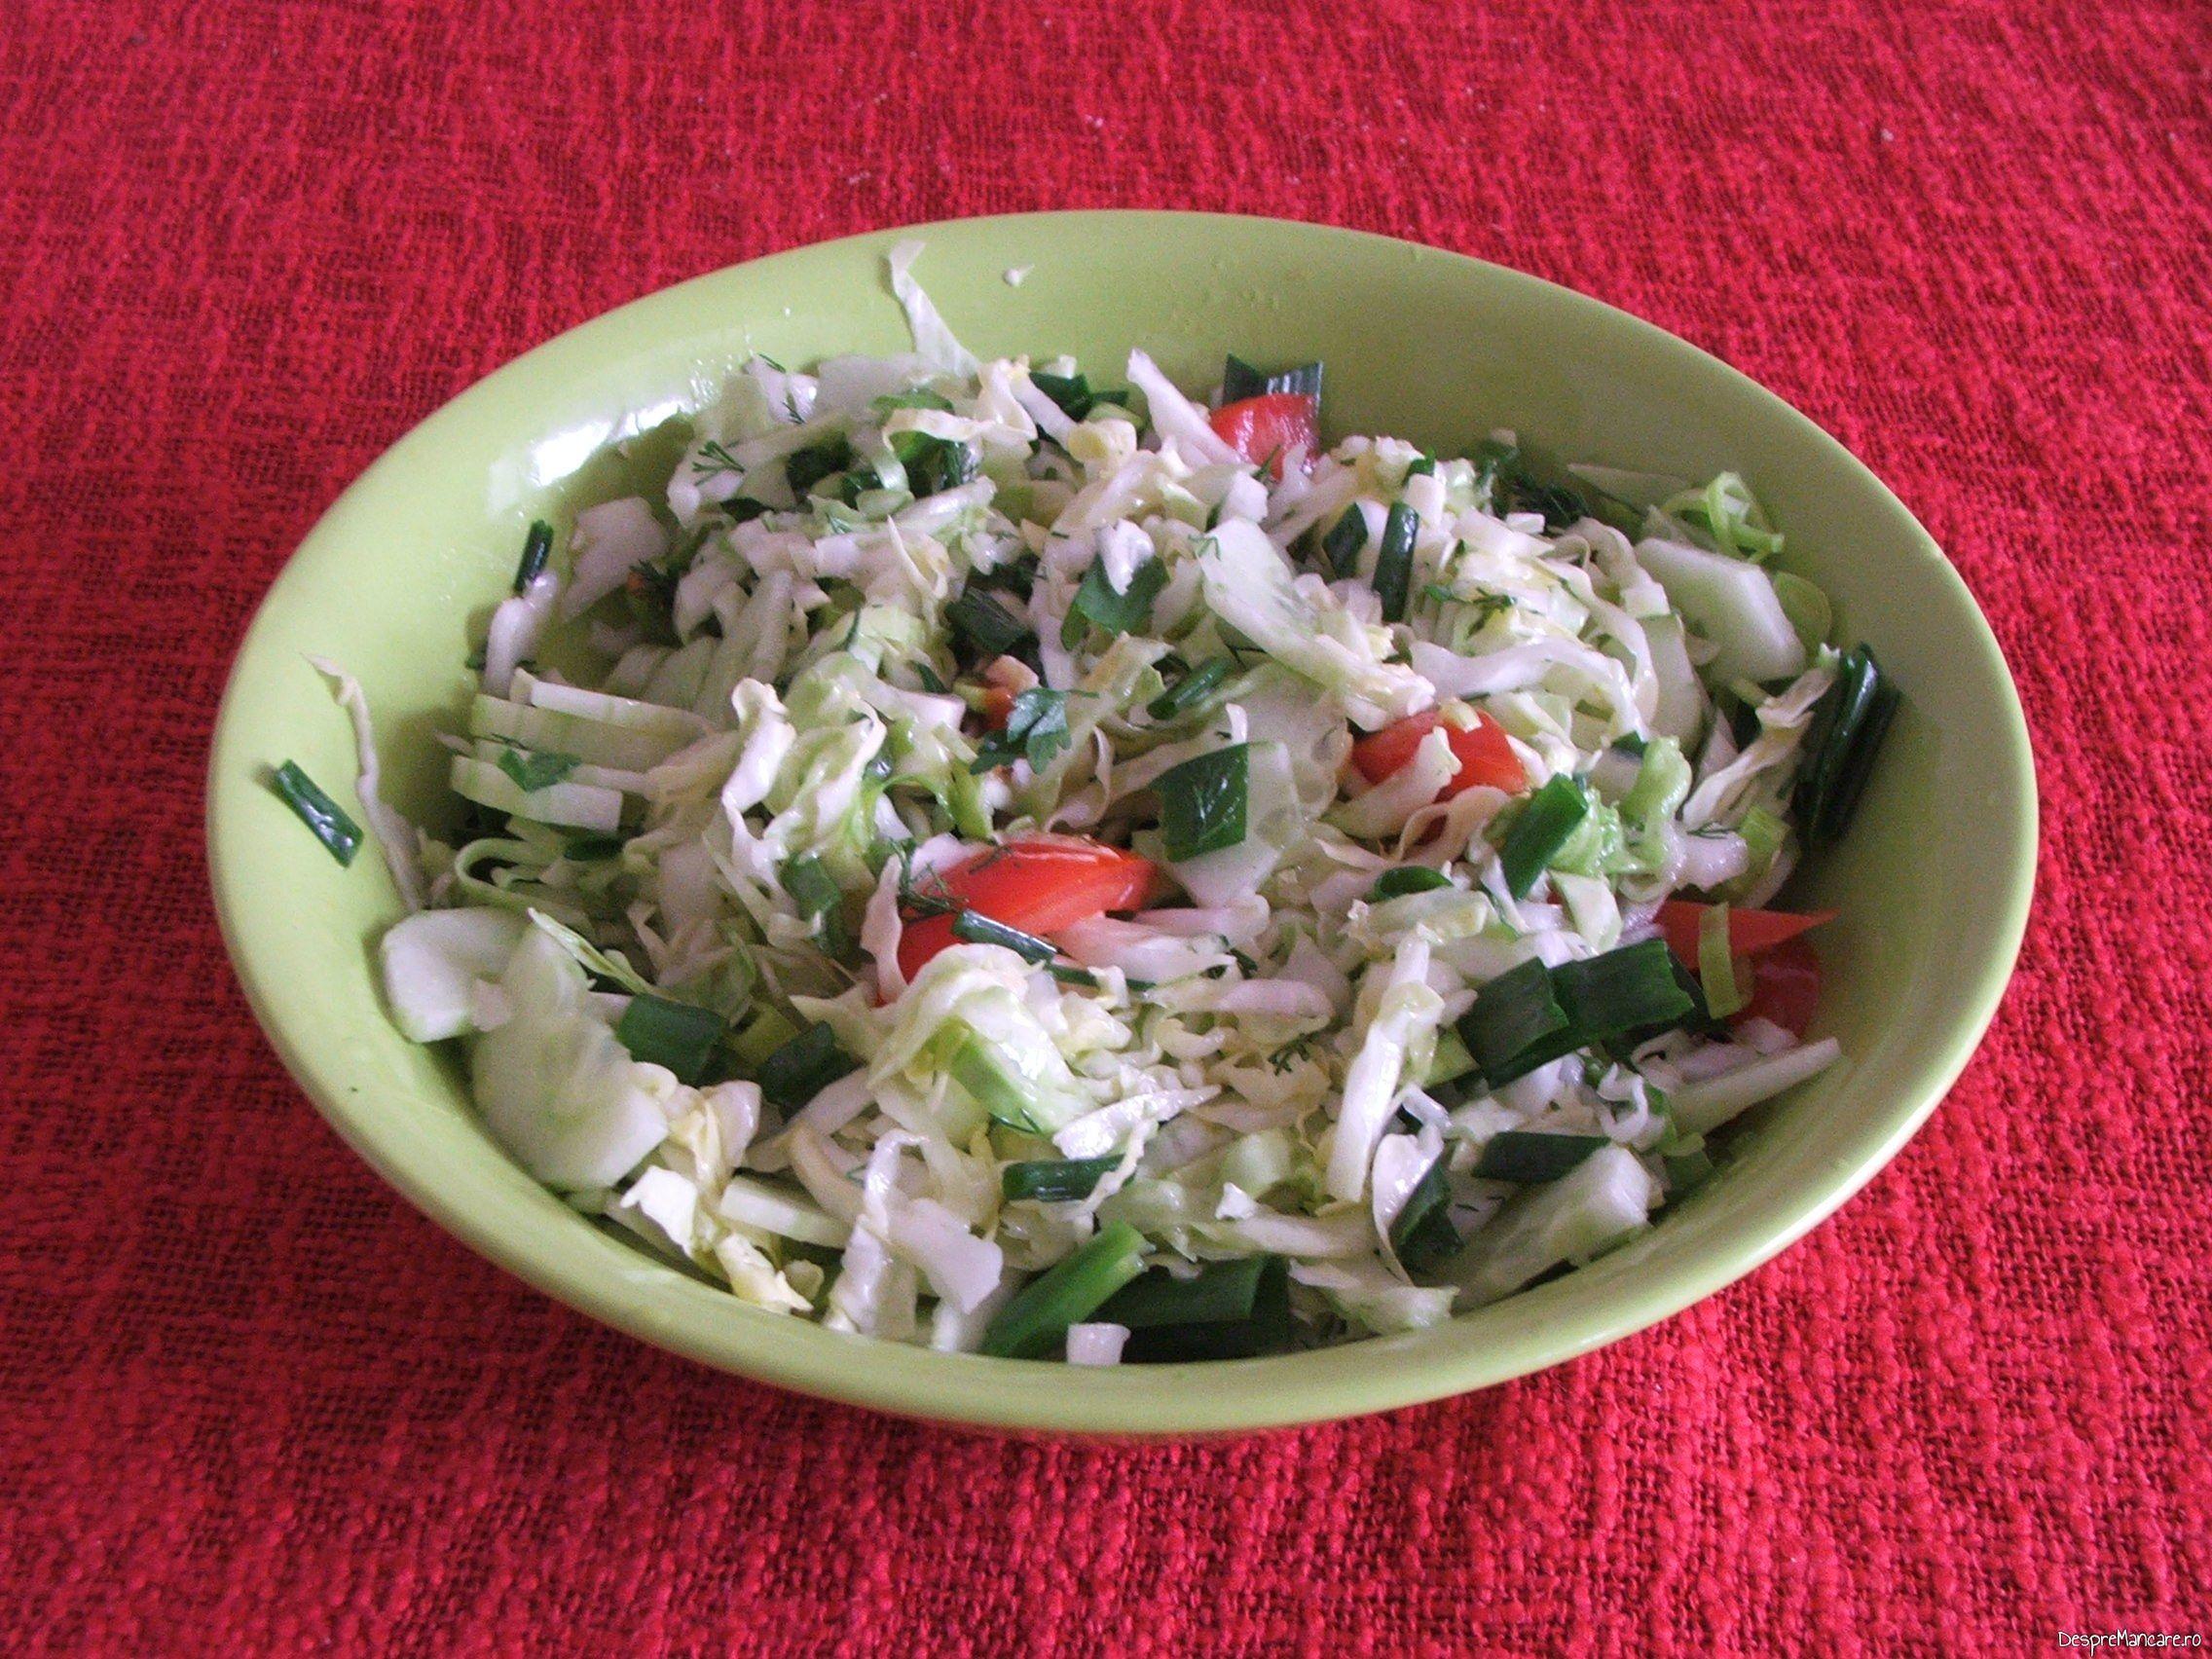 Salata de varza noua, rosii si castraveti pentru ochiuri cu cascaval afumat si paine prajita.